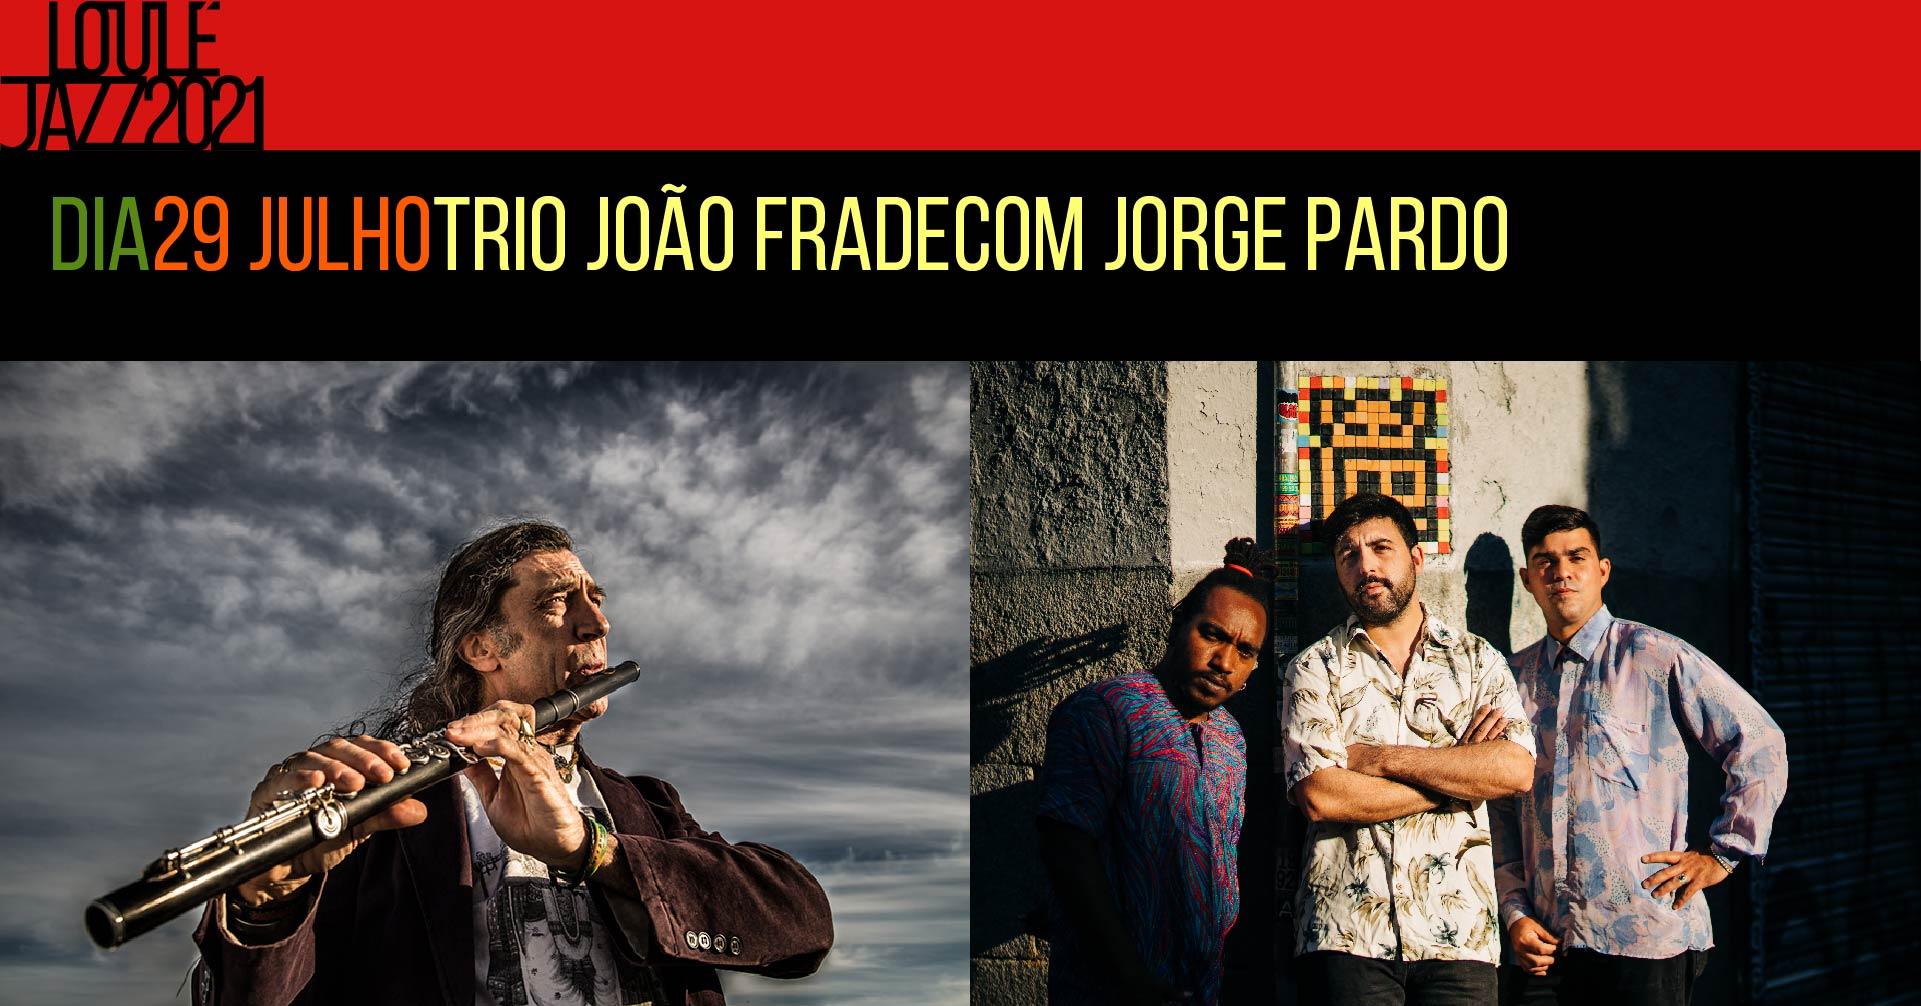 26º Loulé Jazz   Trio João Frade com Jorge Pardo